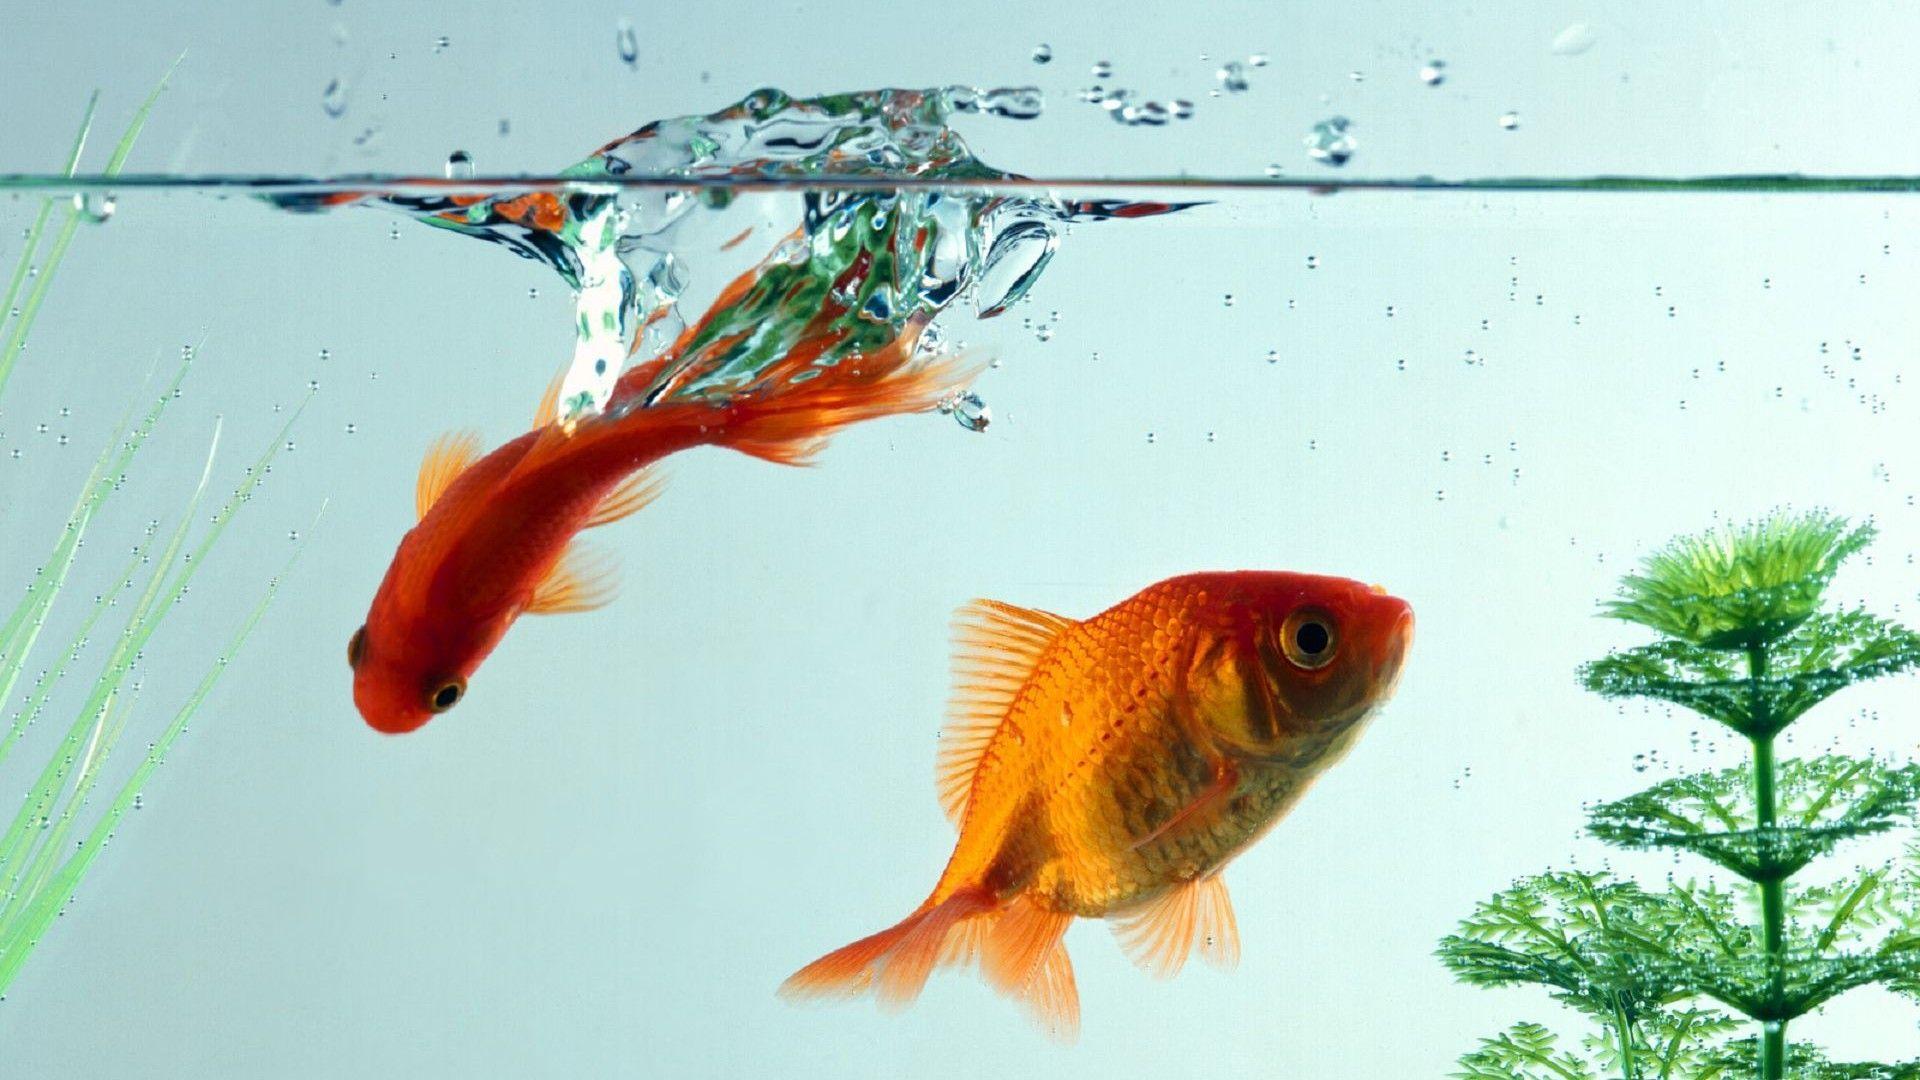 Goldfish Aquarium Wallpaper Pixshark Com Images HD Wallpapers Download Free Images Wallpaper [1000image.com]